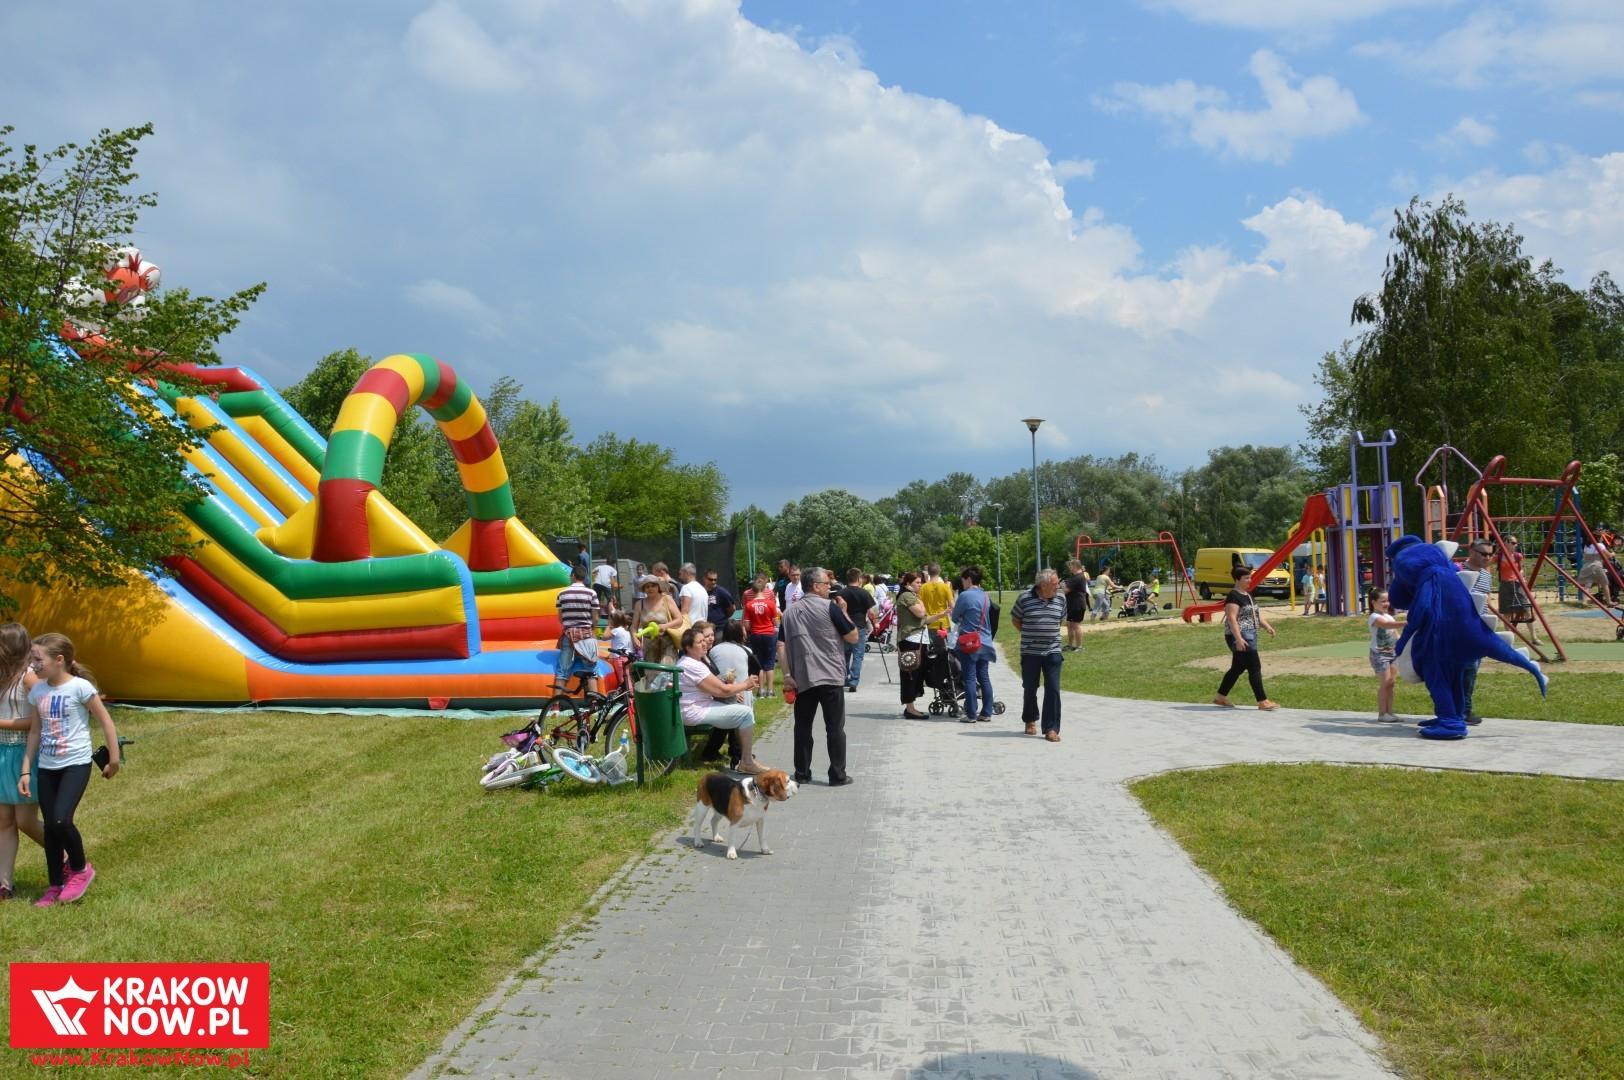 25 lat osiedla rzaka krakow festyn rodzinny 5 150x150 - 25 lat Osiedla Rżąka - galeria zdjęć z festynu